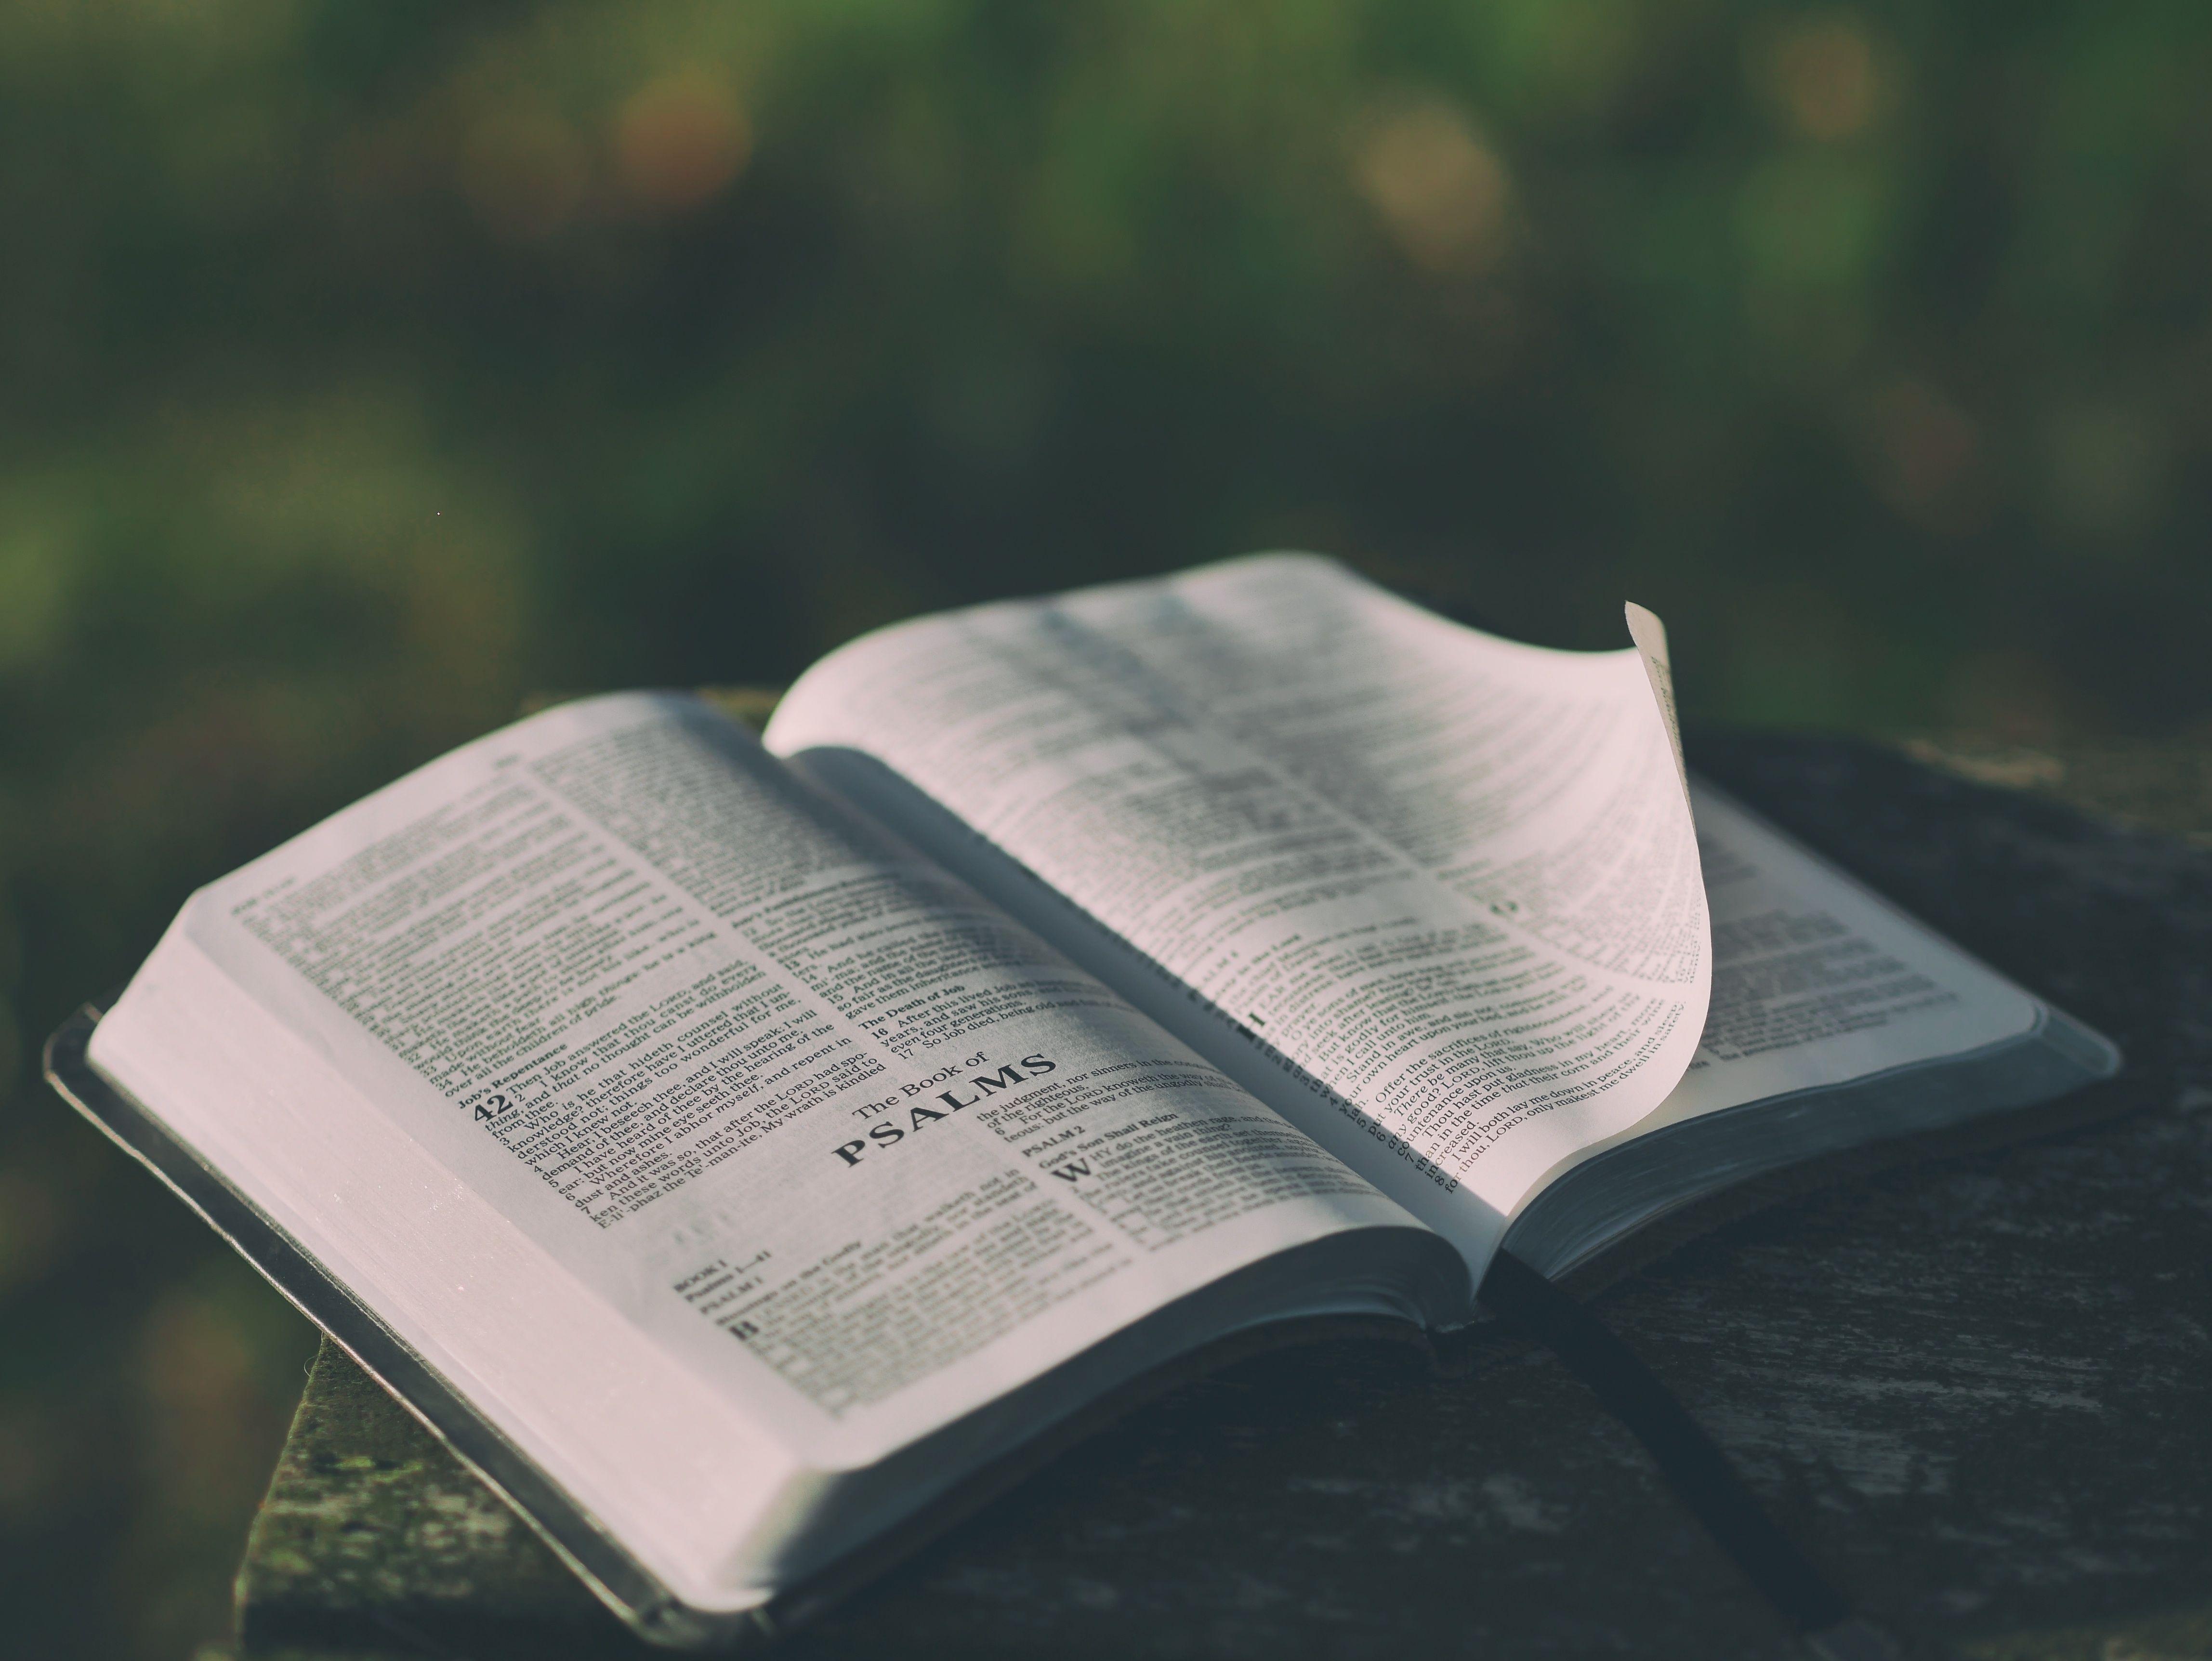 Church Worker Assessment & Support